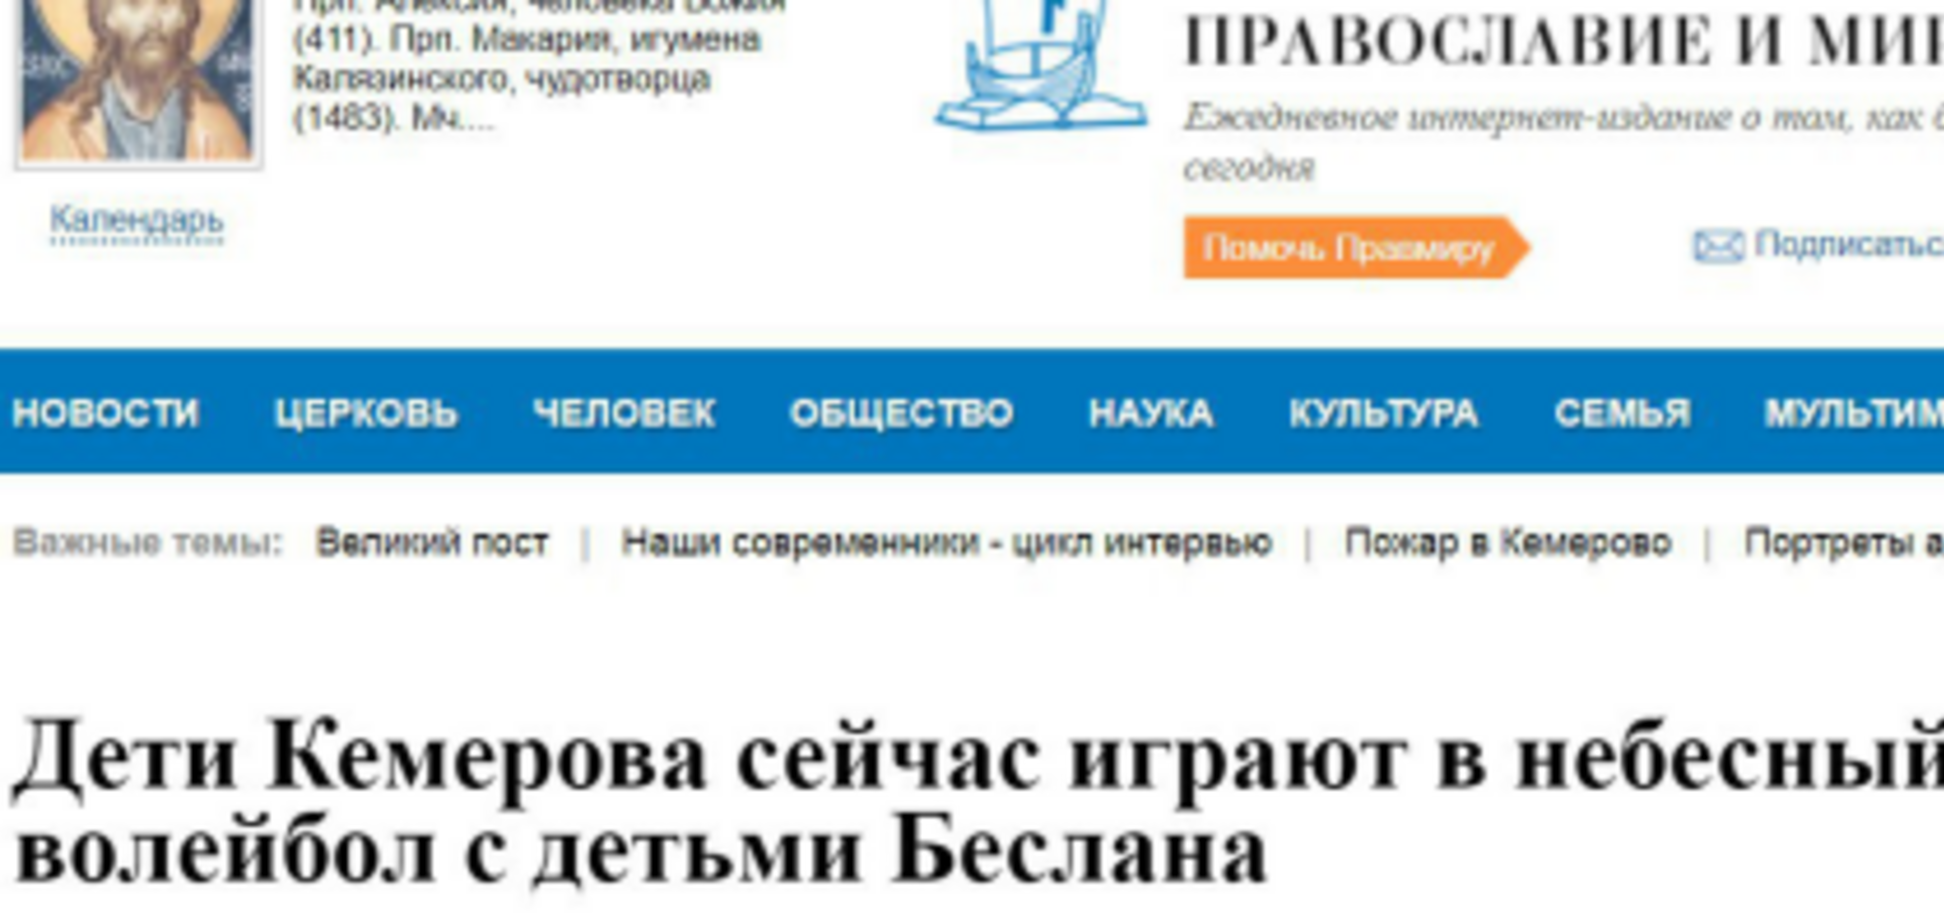 'Ми пропускаємо турнір': стаття про гру дітей Беслана і Кемерово шокувала росіян